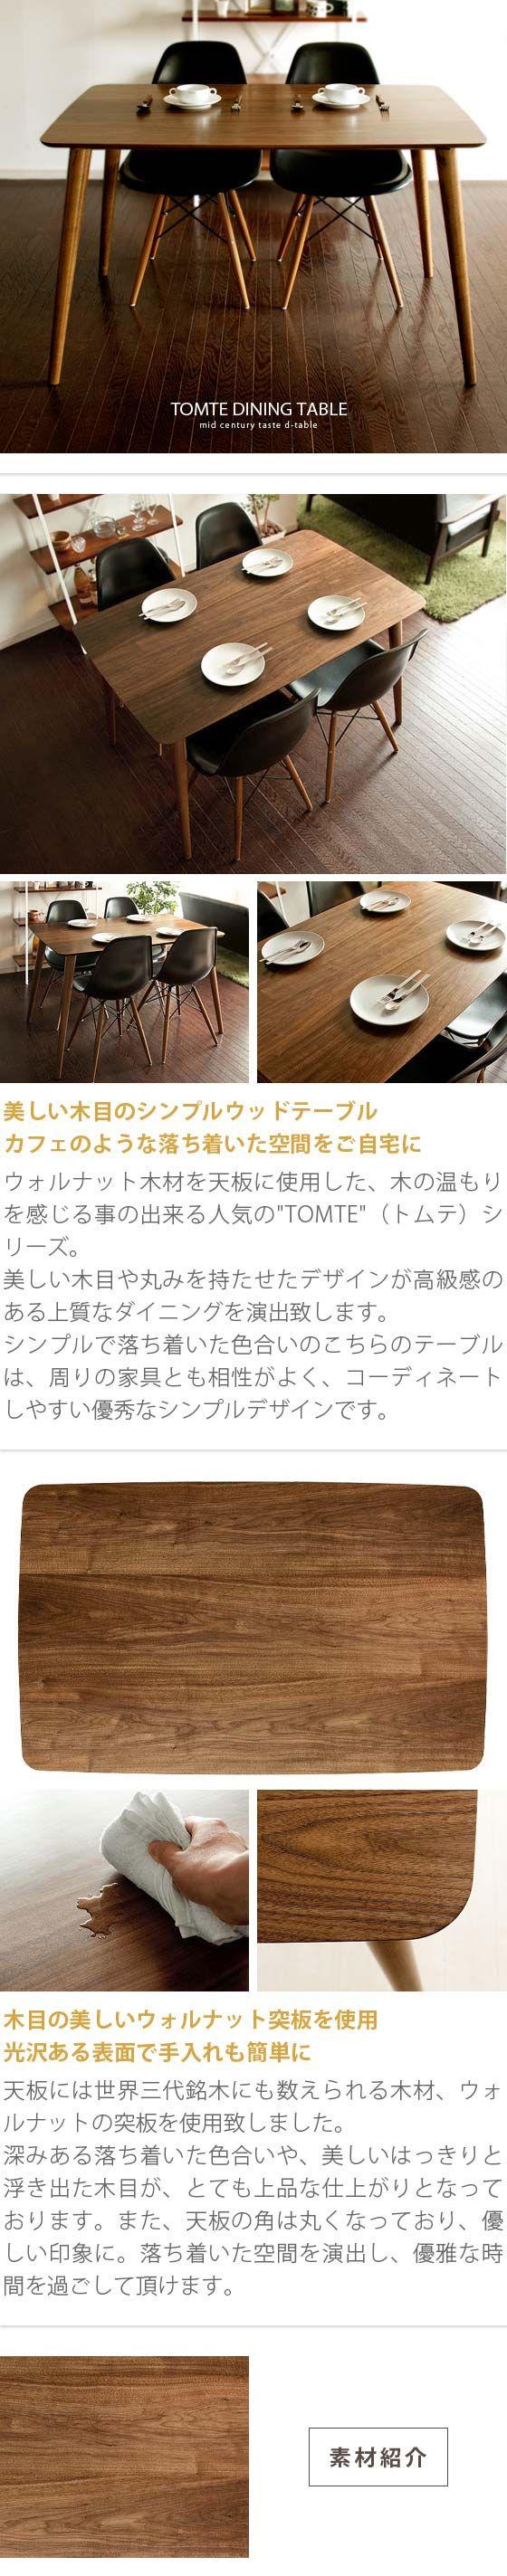 エア・リゾーム インテリア / 木製ダイニングテーブル TOMTE〔トムテ〕ダイニングテーブル120cmタイプ ブラウン ダイニングテーブル単体販売となっております。